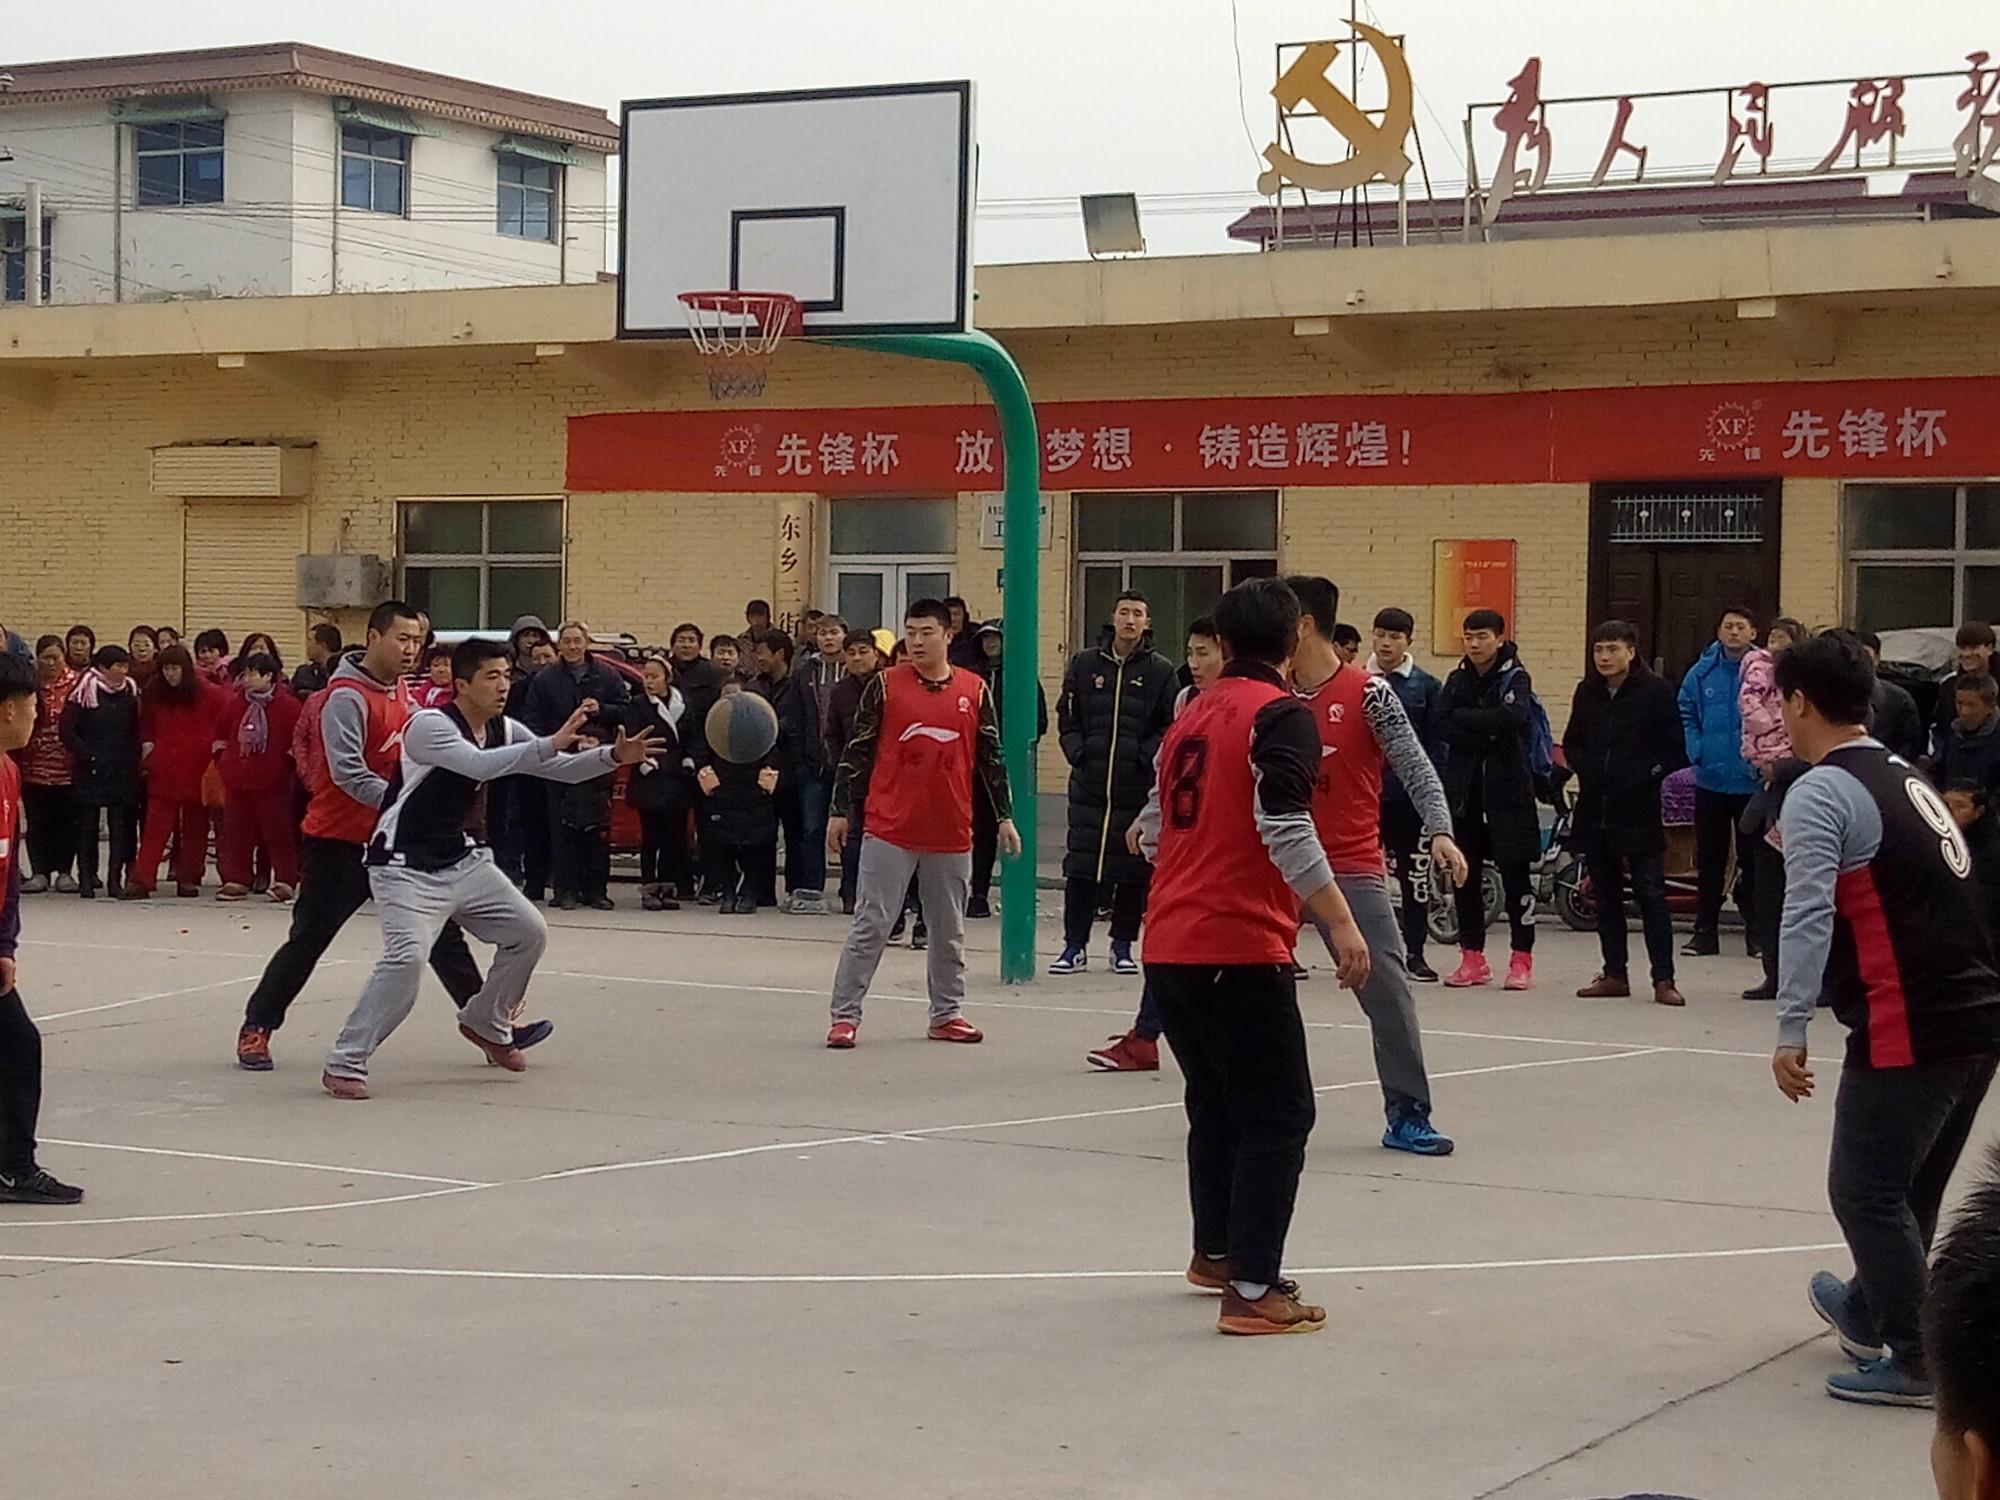 Our Xianfeng Basketball Team